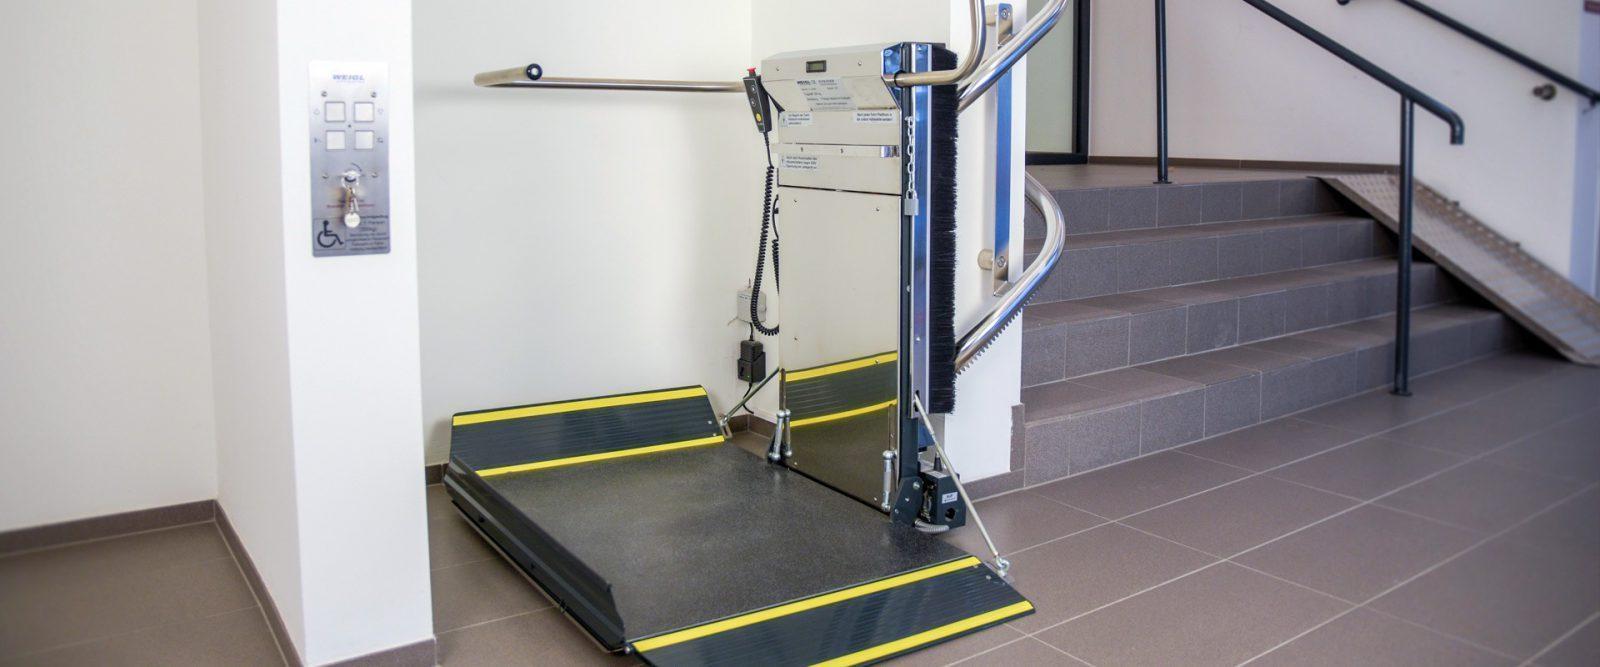 plateautraplift voor trappen met bochten